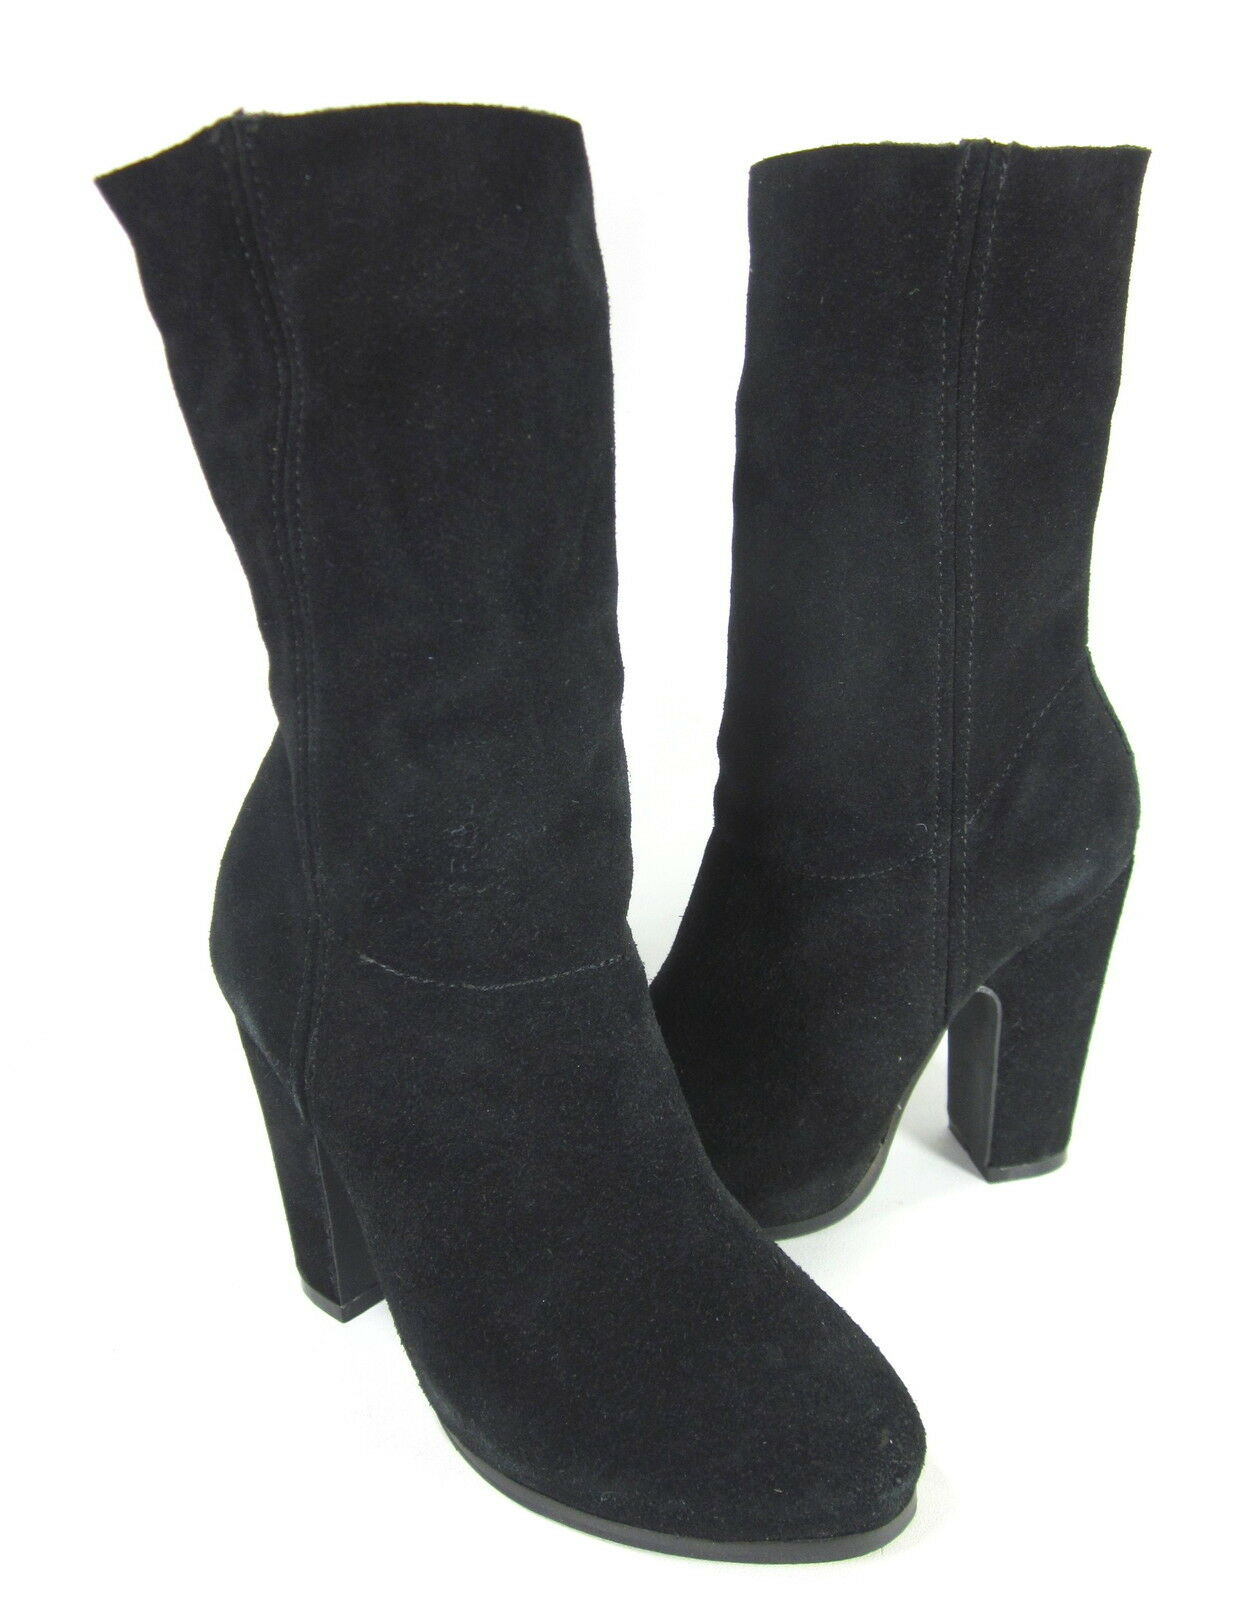 N.Y.L.A. damen CIRCUIT MID-CALF FASHION Stiefel schwarz LEATHER Größe 6 Pre-Owned